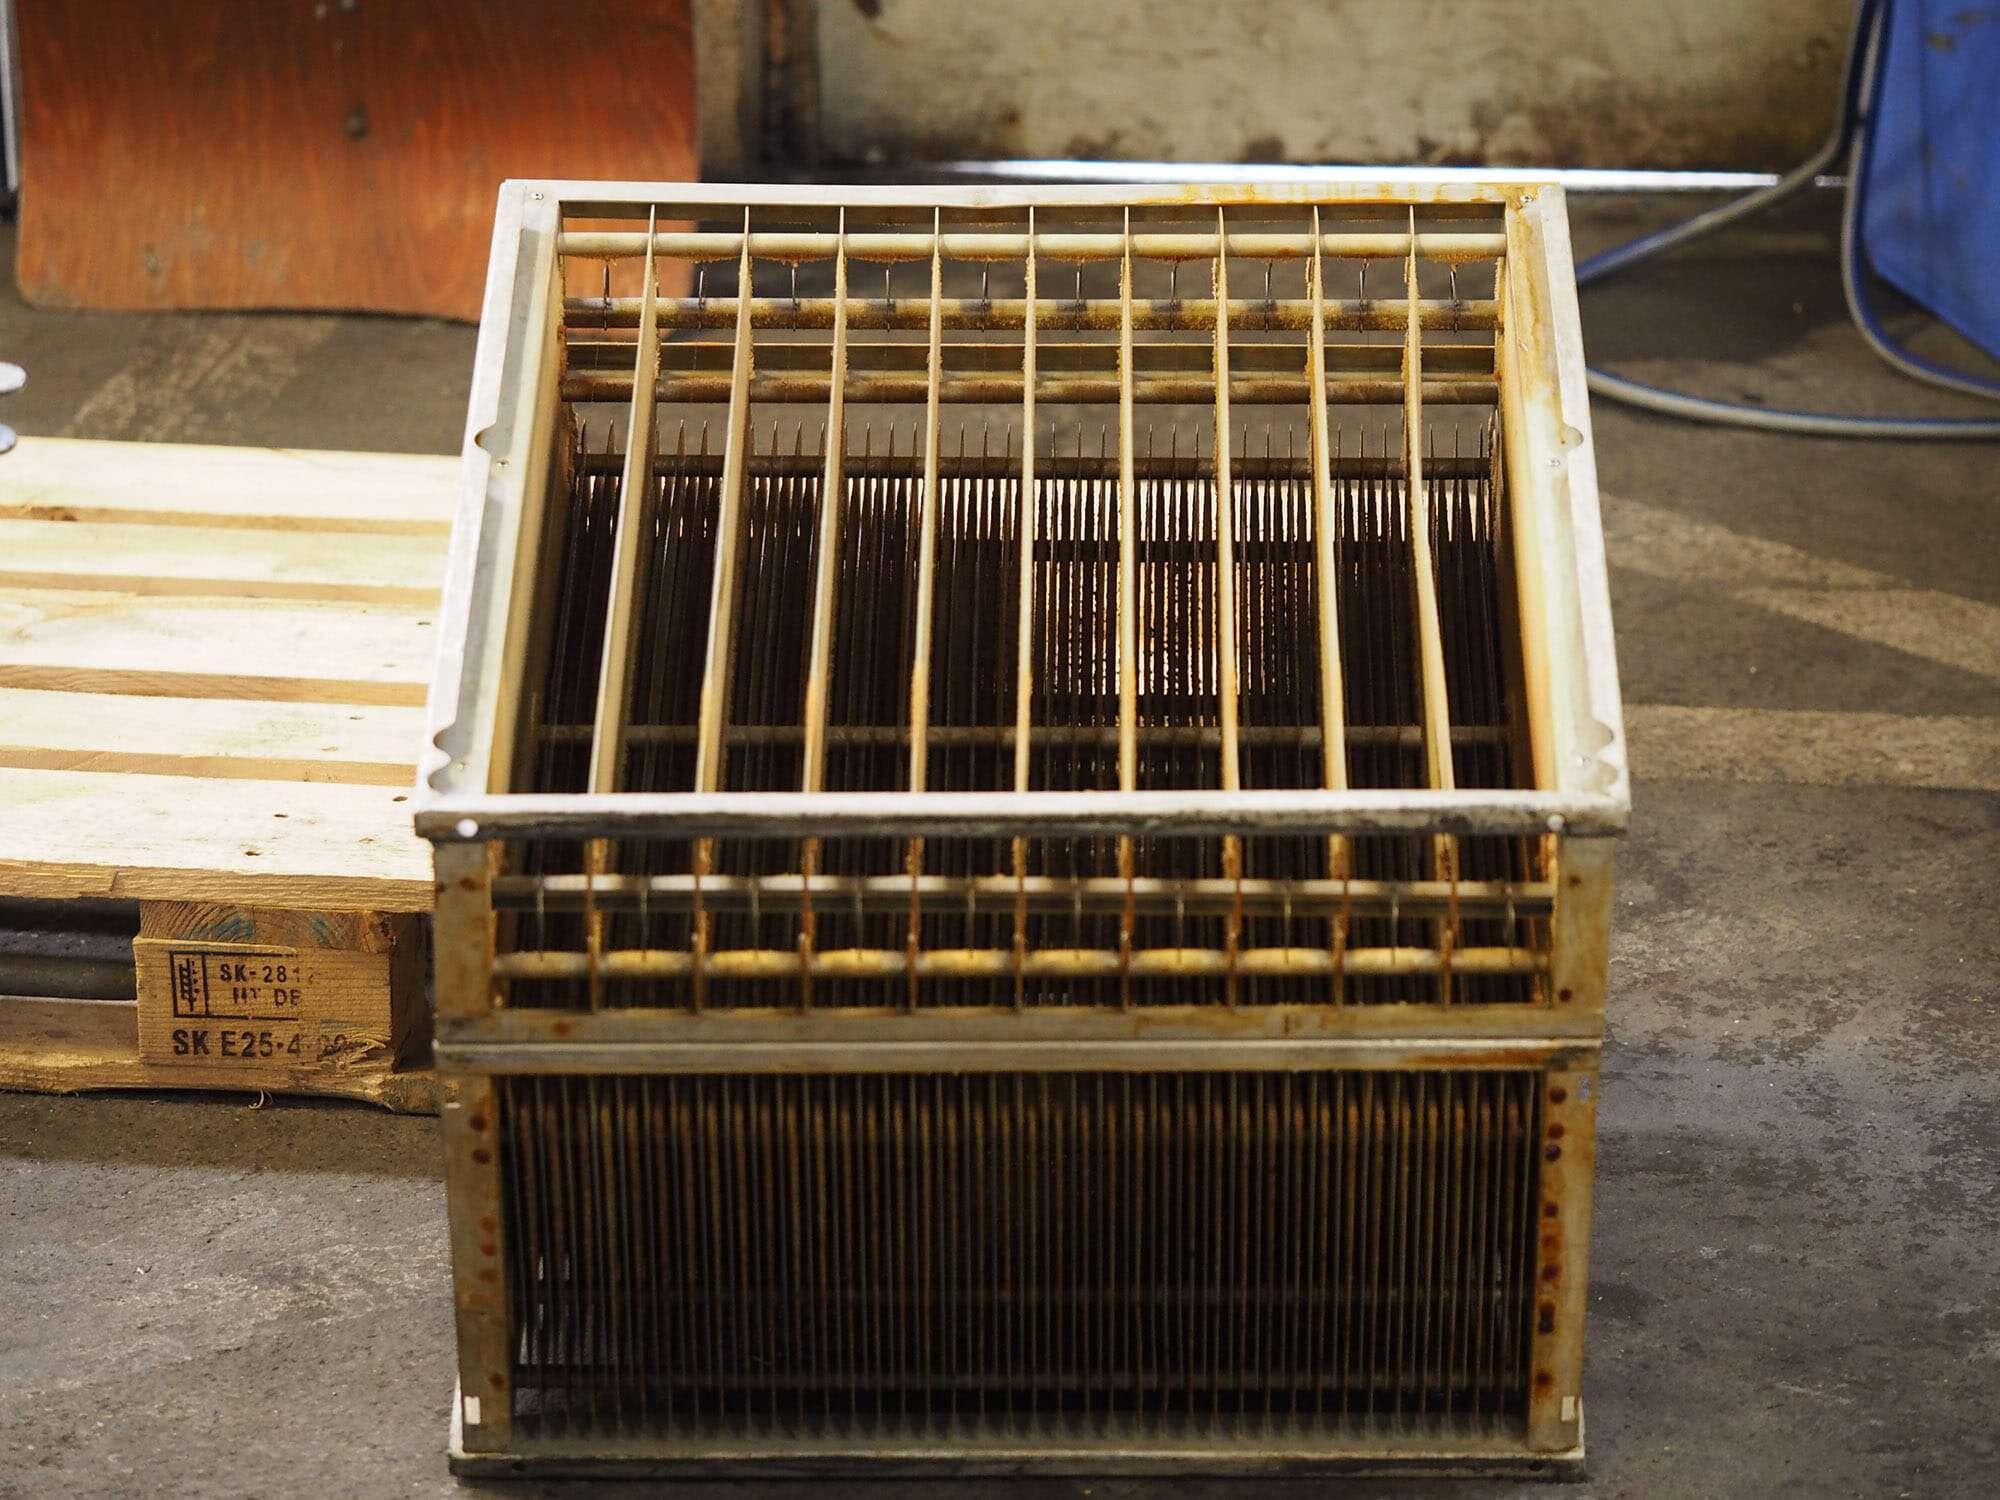 K&B Industrieservice - industrielle Filterreinigung mit Spritzreinigung oder Ultraschallreinigung